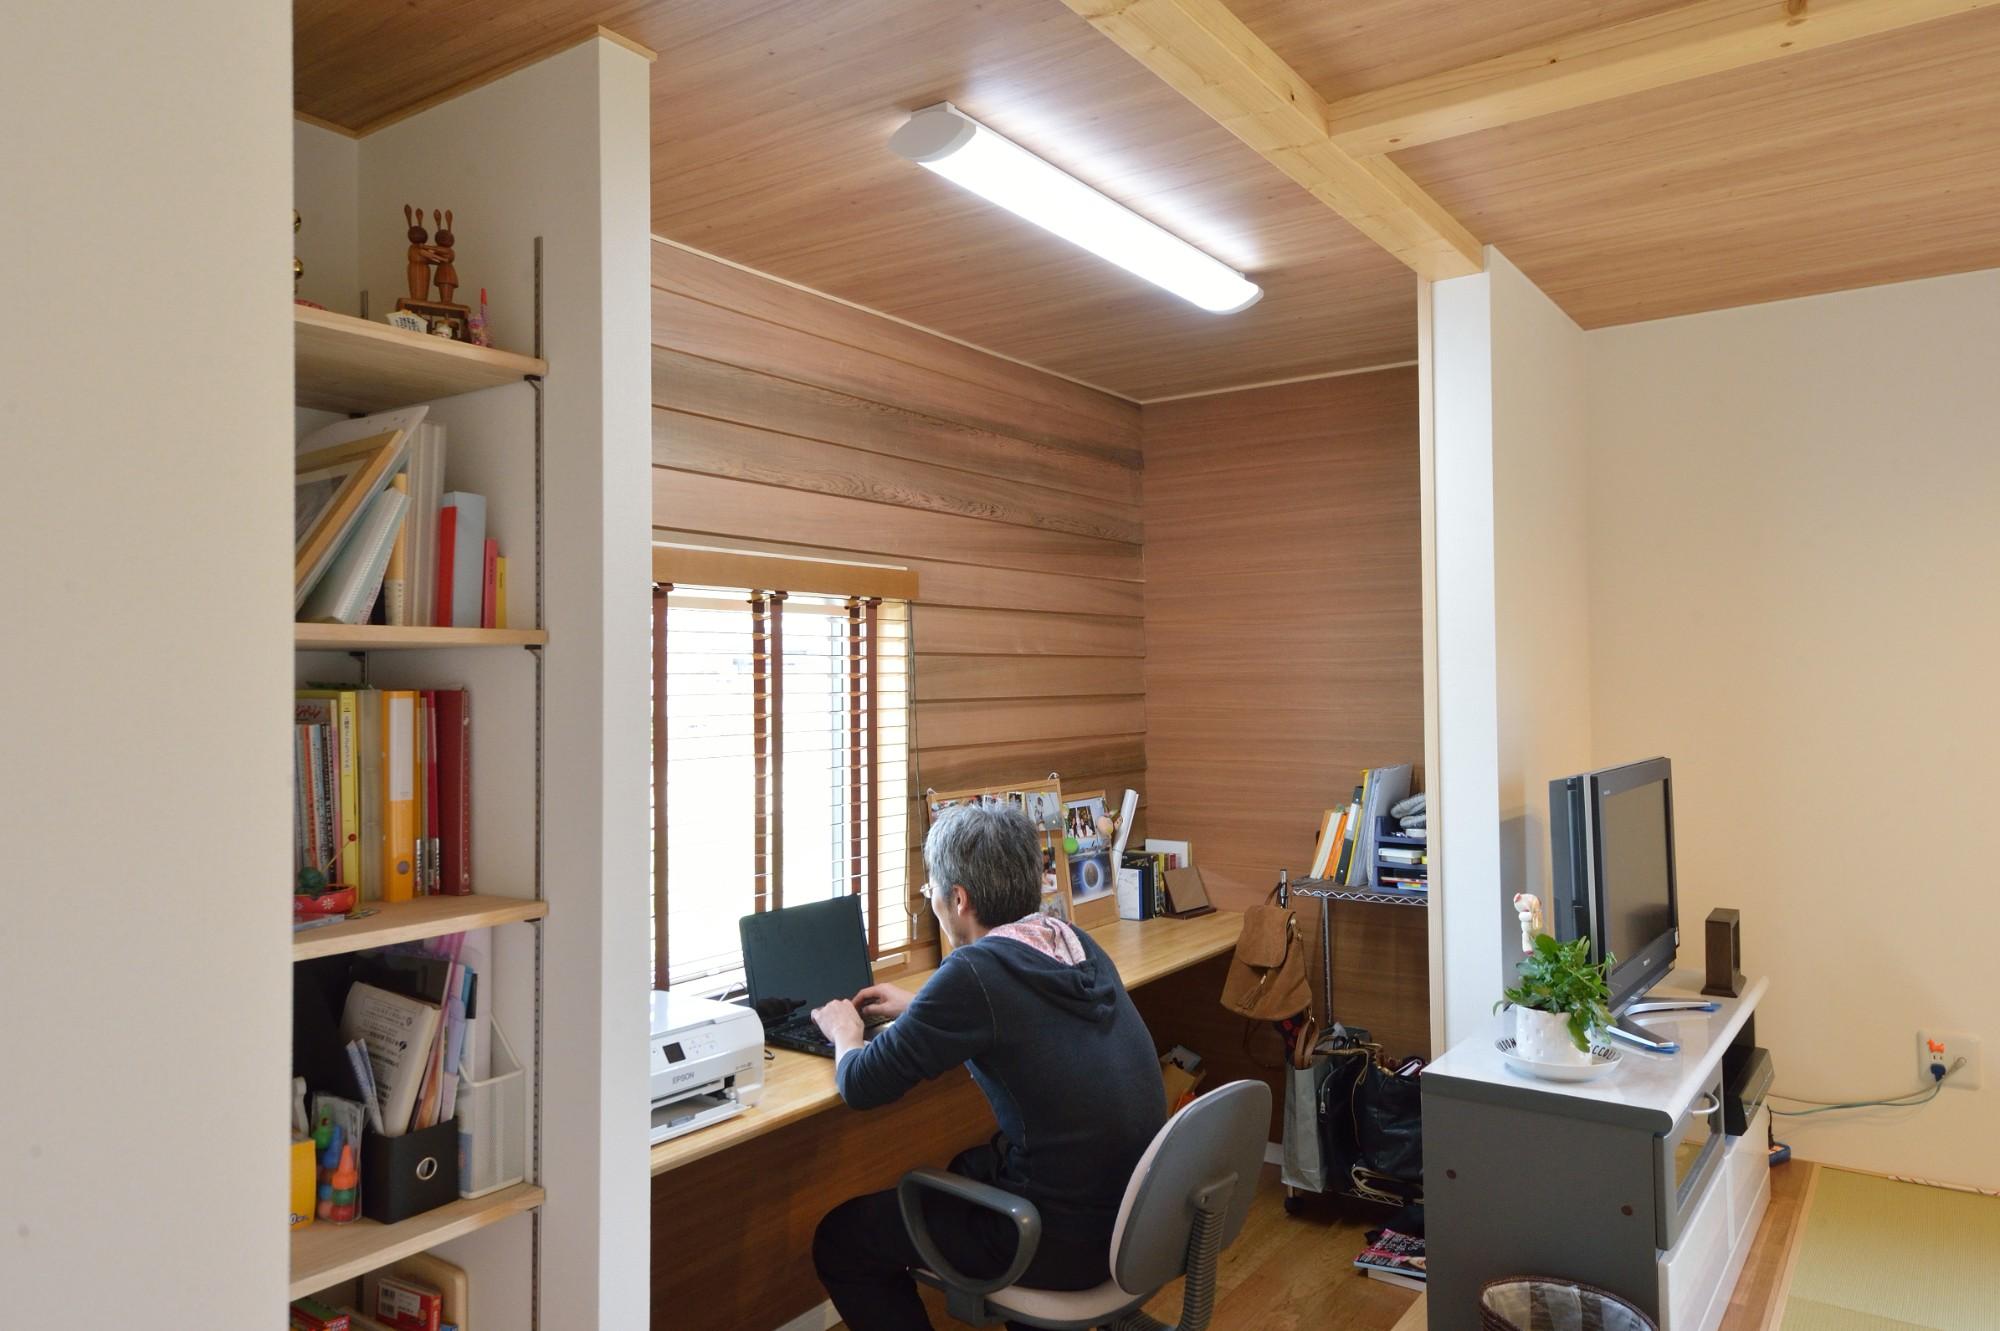 家'Sハセガワ株式会社「空間を満たす家 ~光と家~」のシンプル・ナチュラルな居室の実例写真